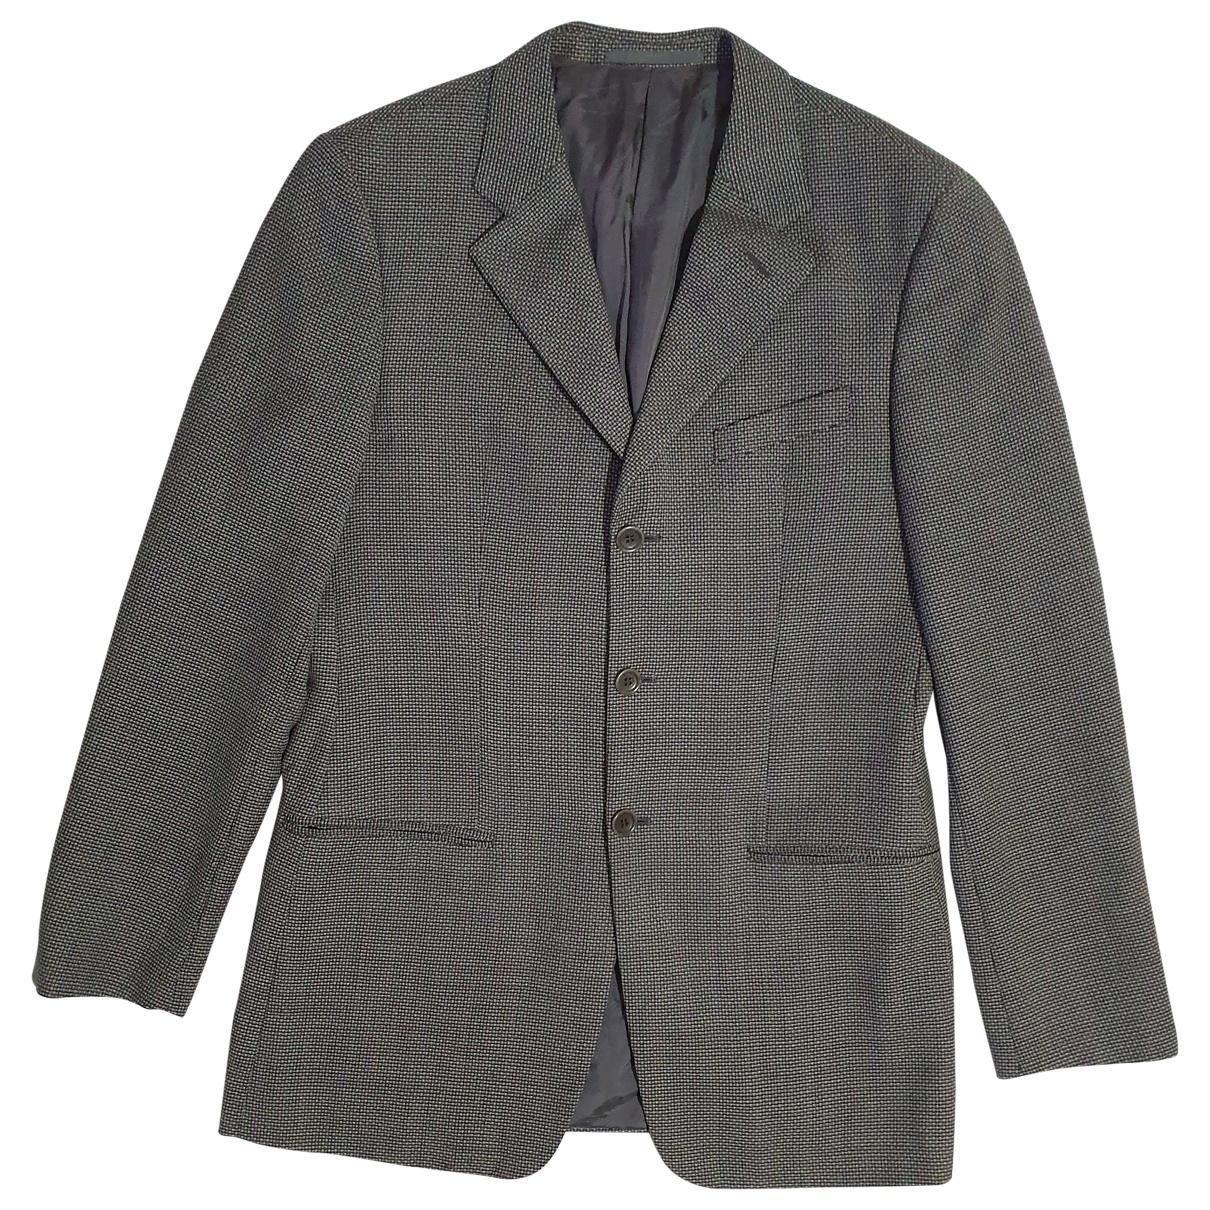 Armani Collezioni - Vestes.Blousons   pour homme en laine